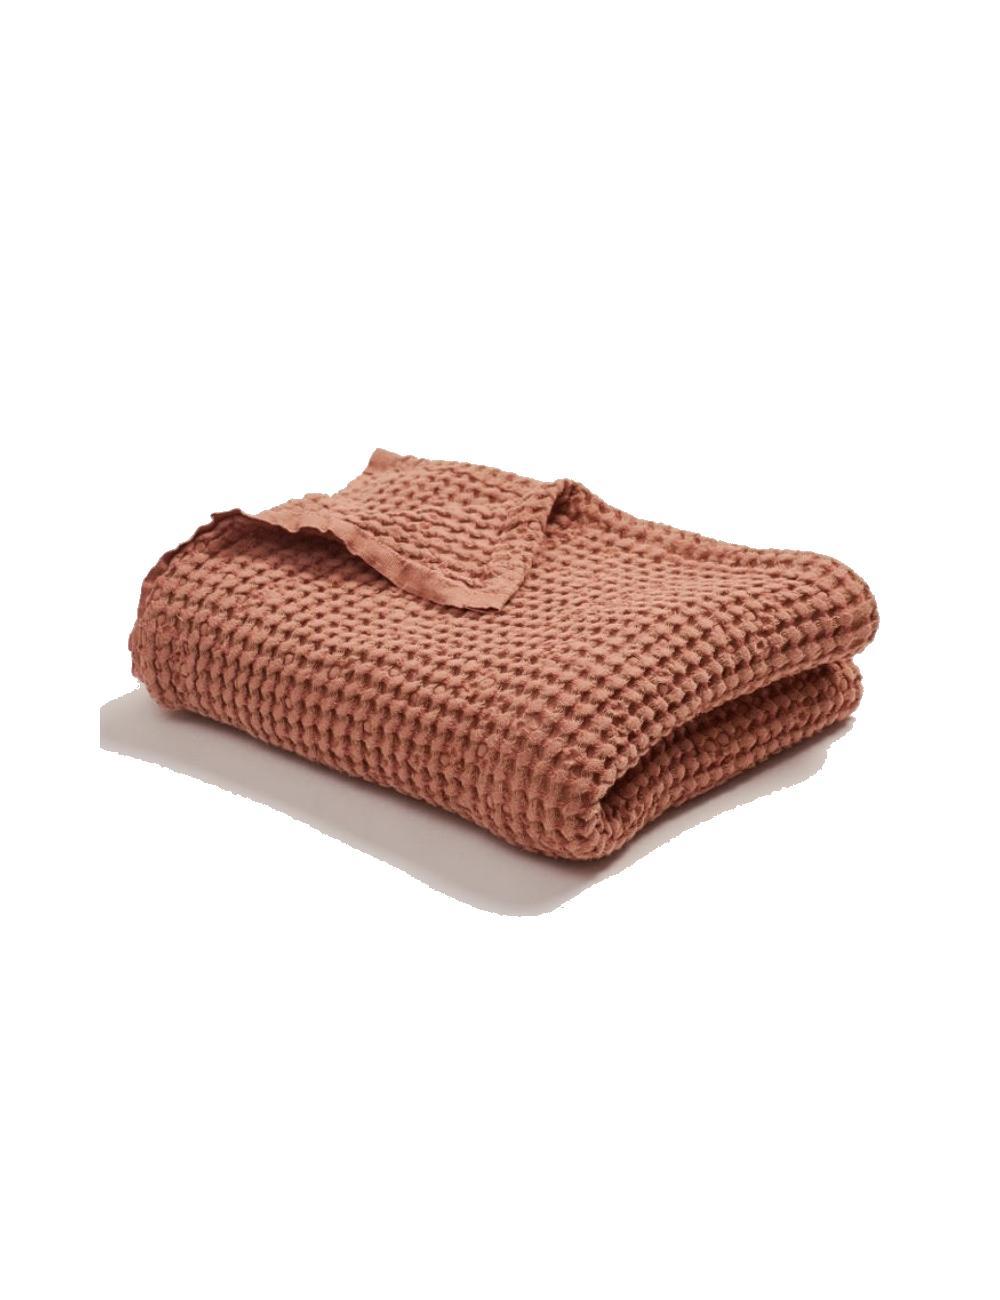 Linen cotton waffle blanket | bricktest